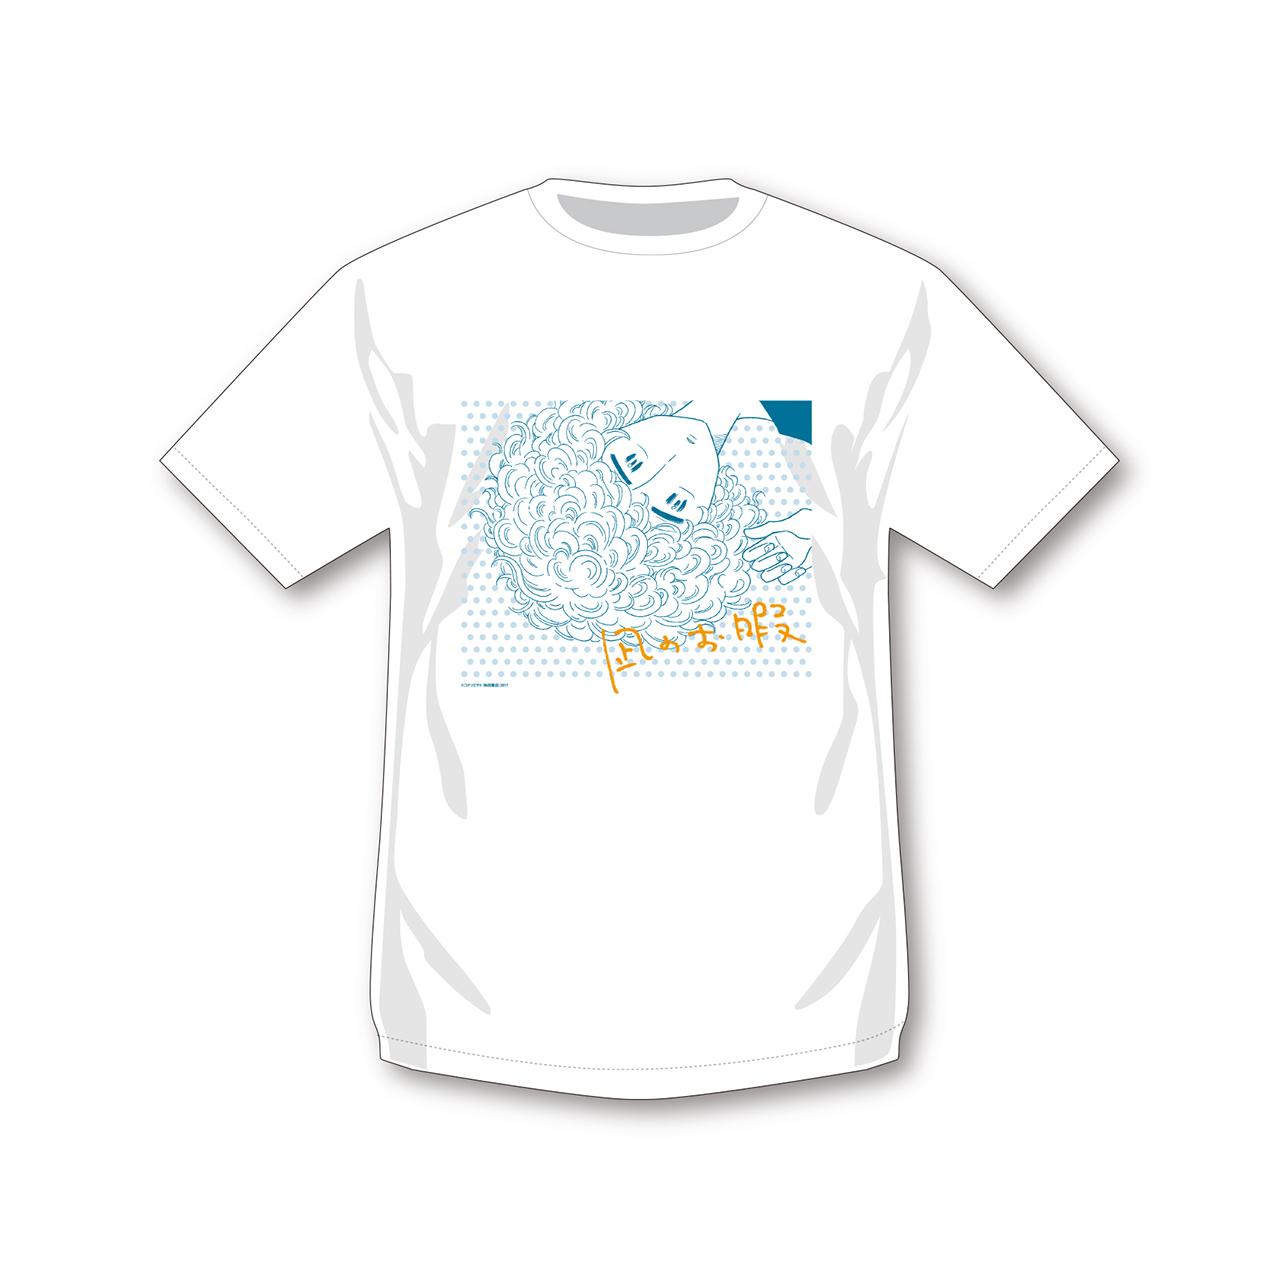 『凪のお暇』Tシャツ A